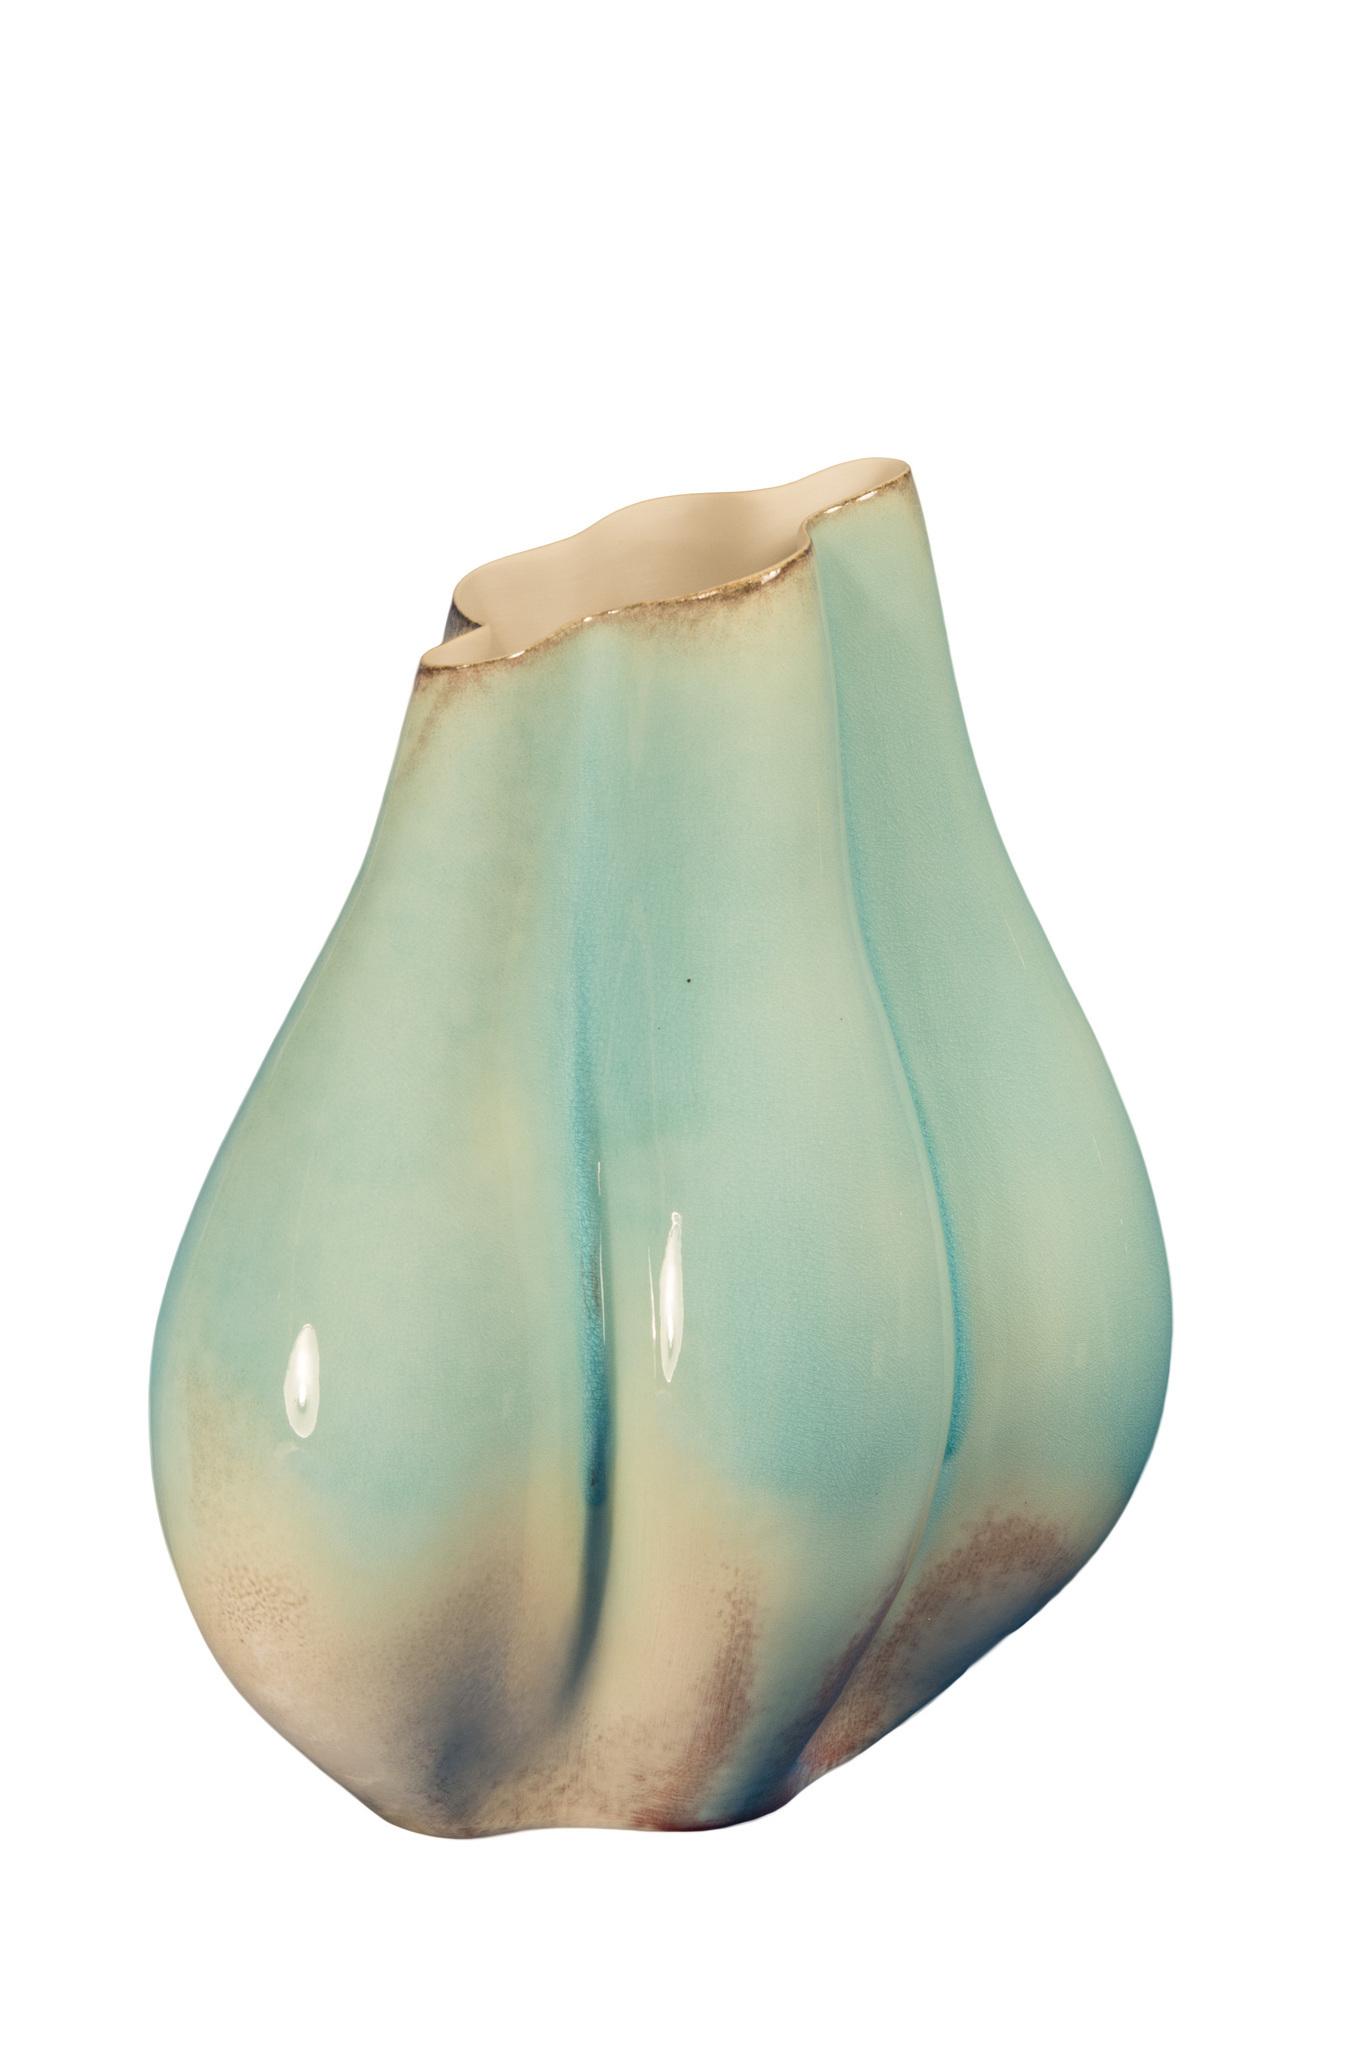 Вазы настольные Элитная ваза декоративная Paradise высокая от S. Bernardo vaza-dekorativnaya-vysokaya-paradise-ot-s-bernardo-iz-portugalii.jpg